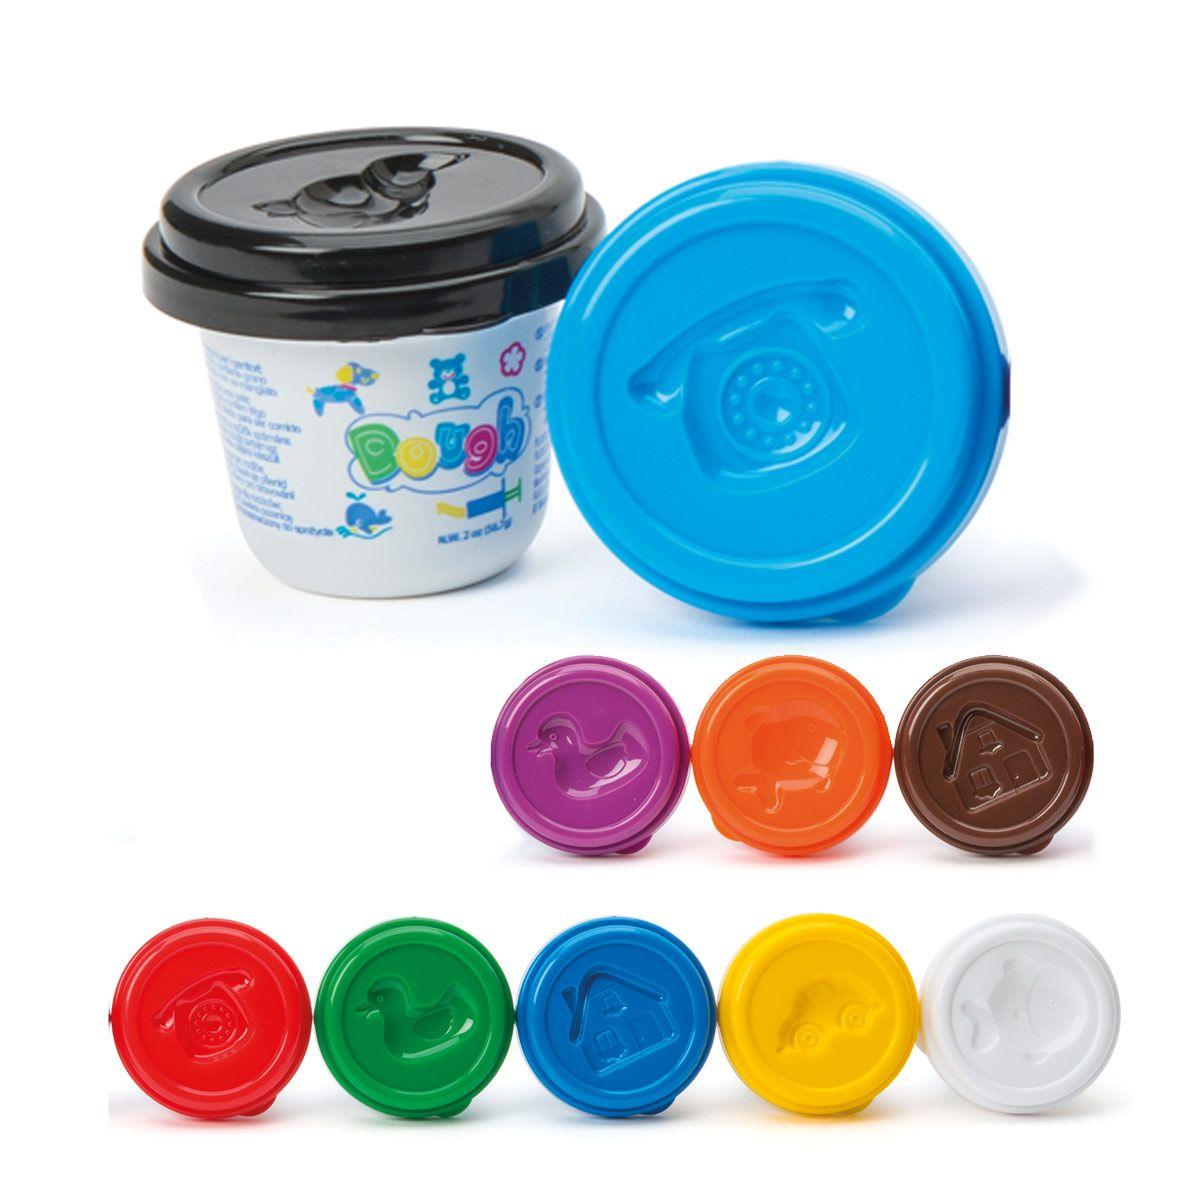 Voici 10 pots de pâte à modeler de différentes couleurs pour varier les créations. Ces pâtes à ...